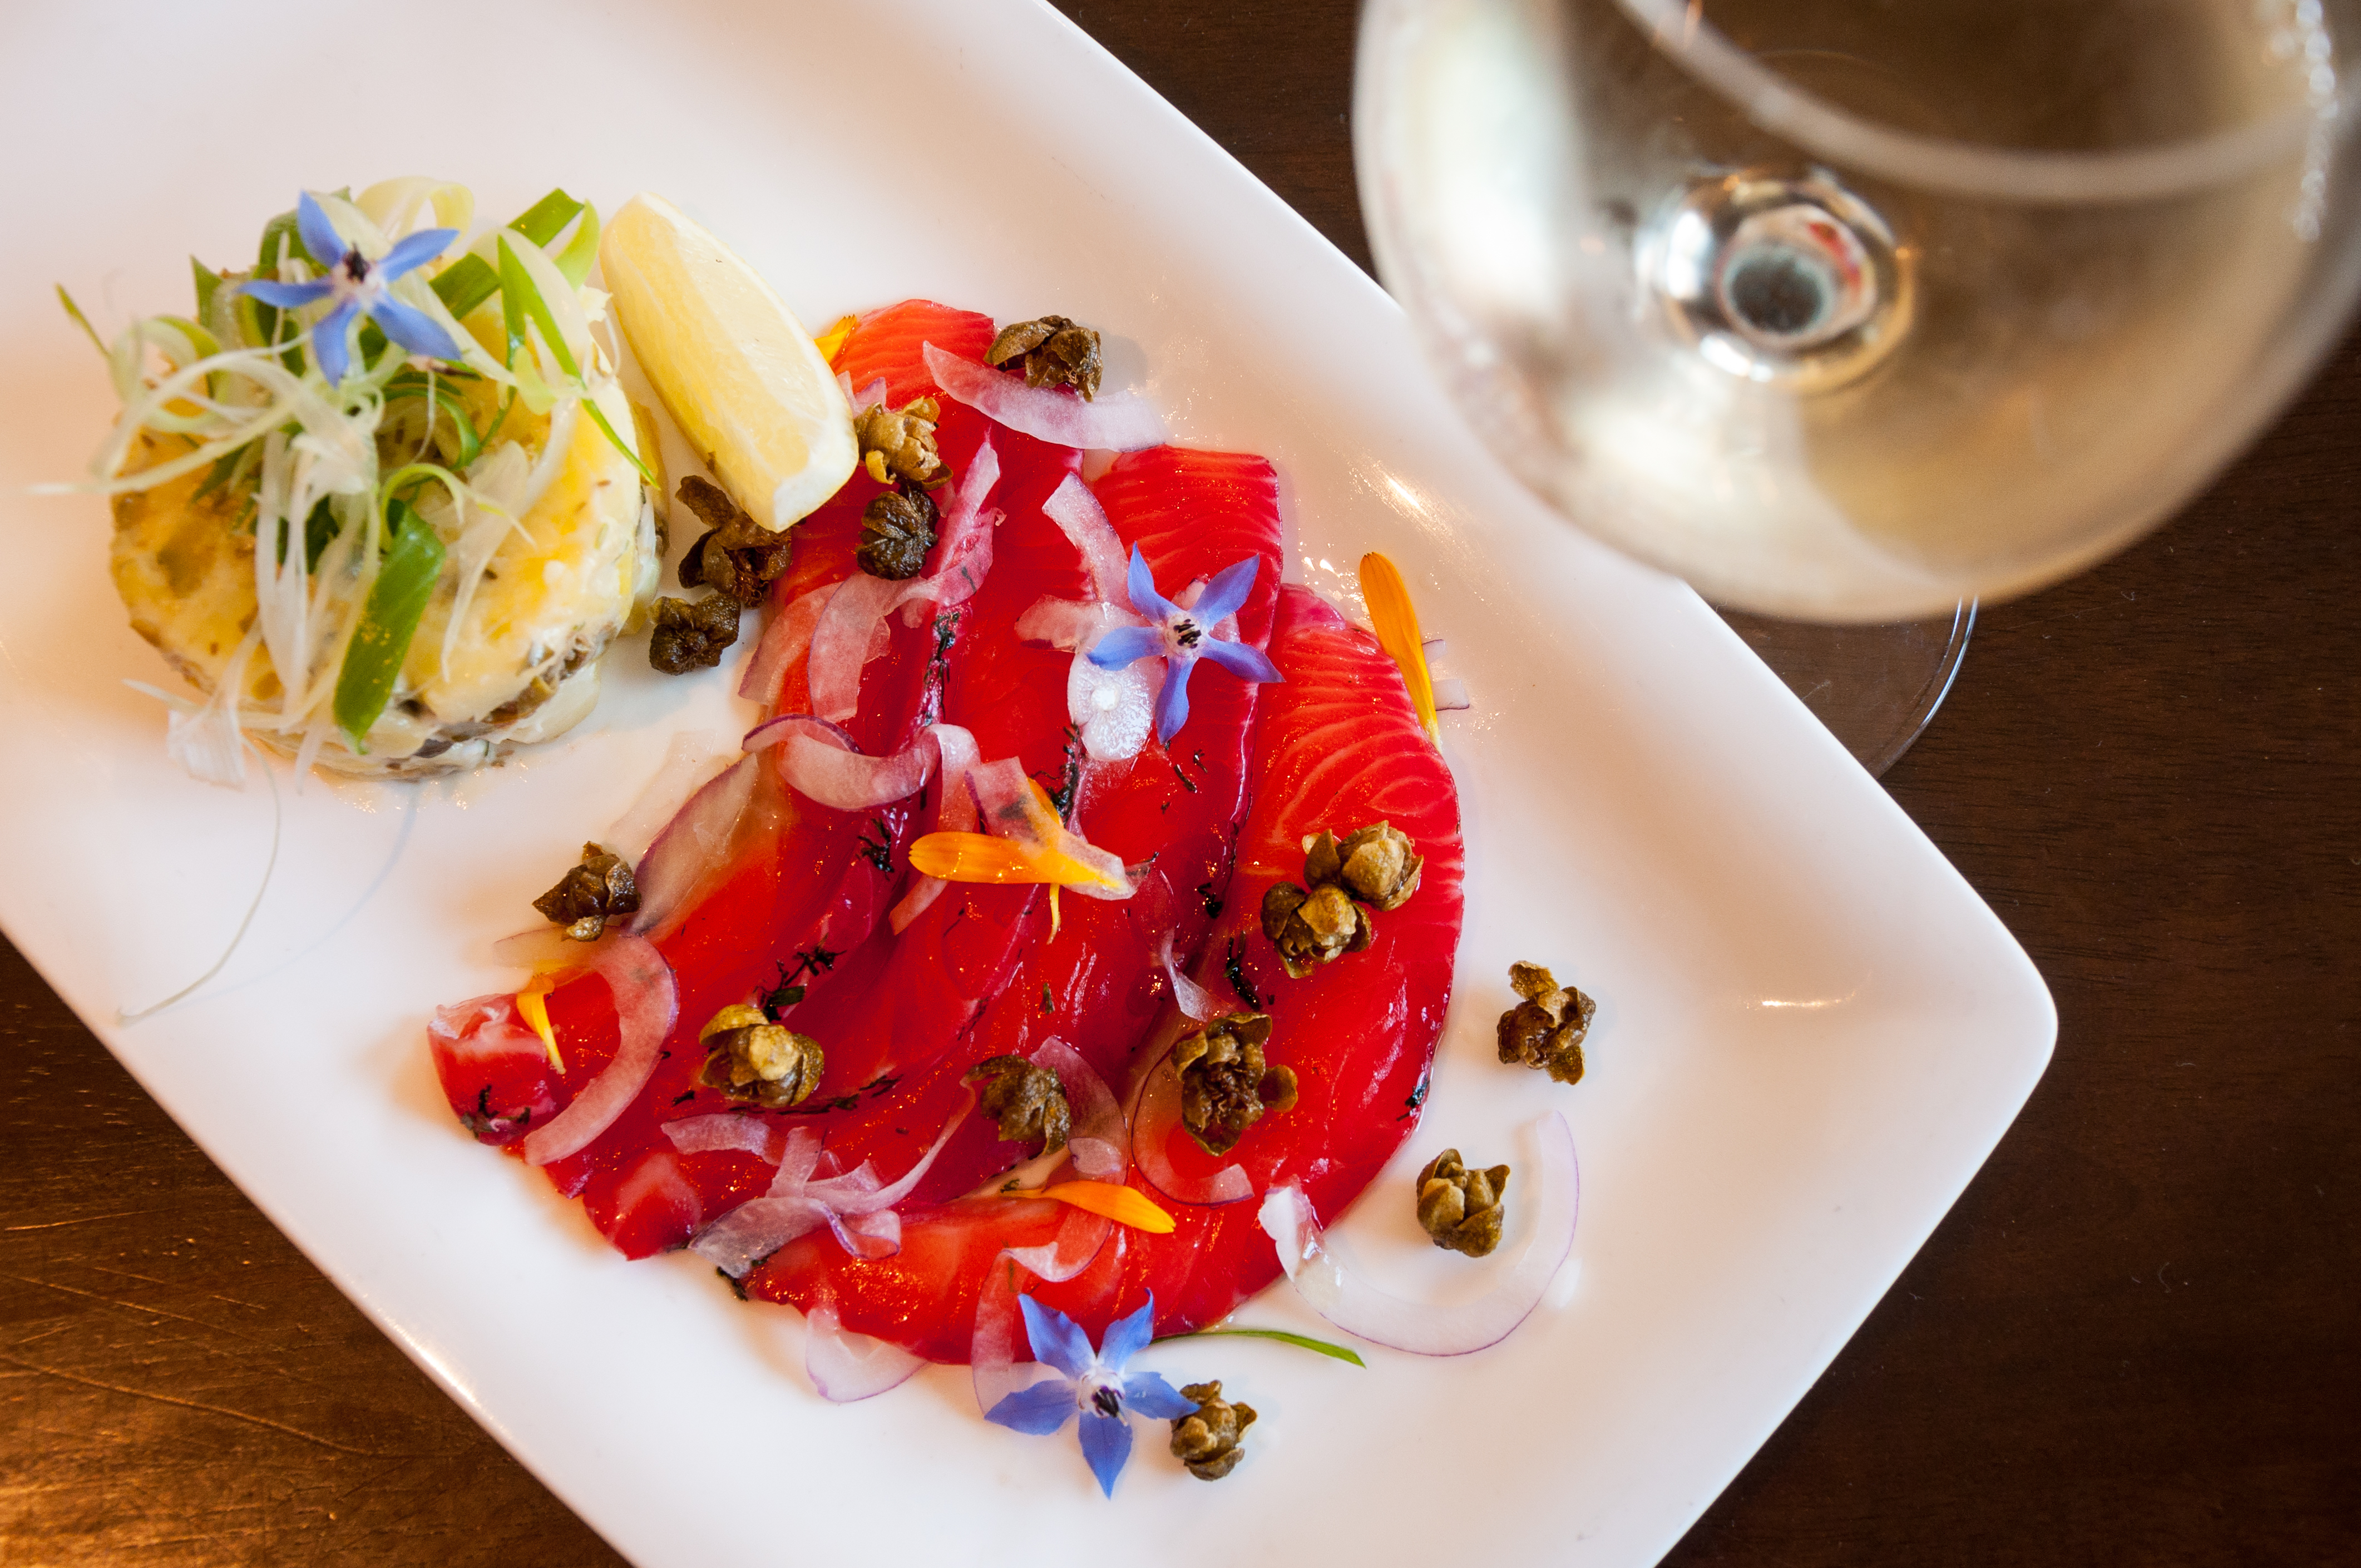 Go Vino - salmon gravlax